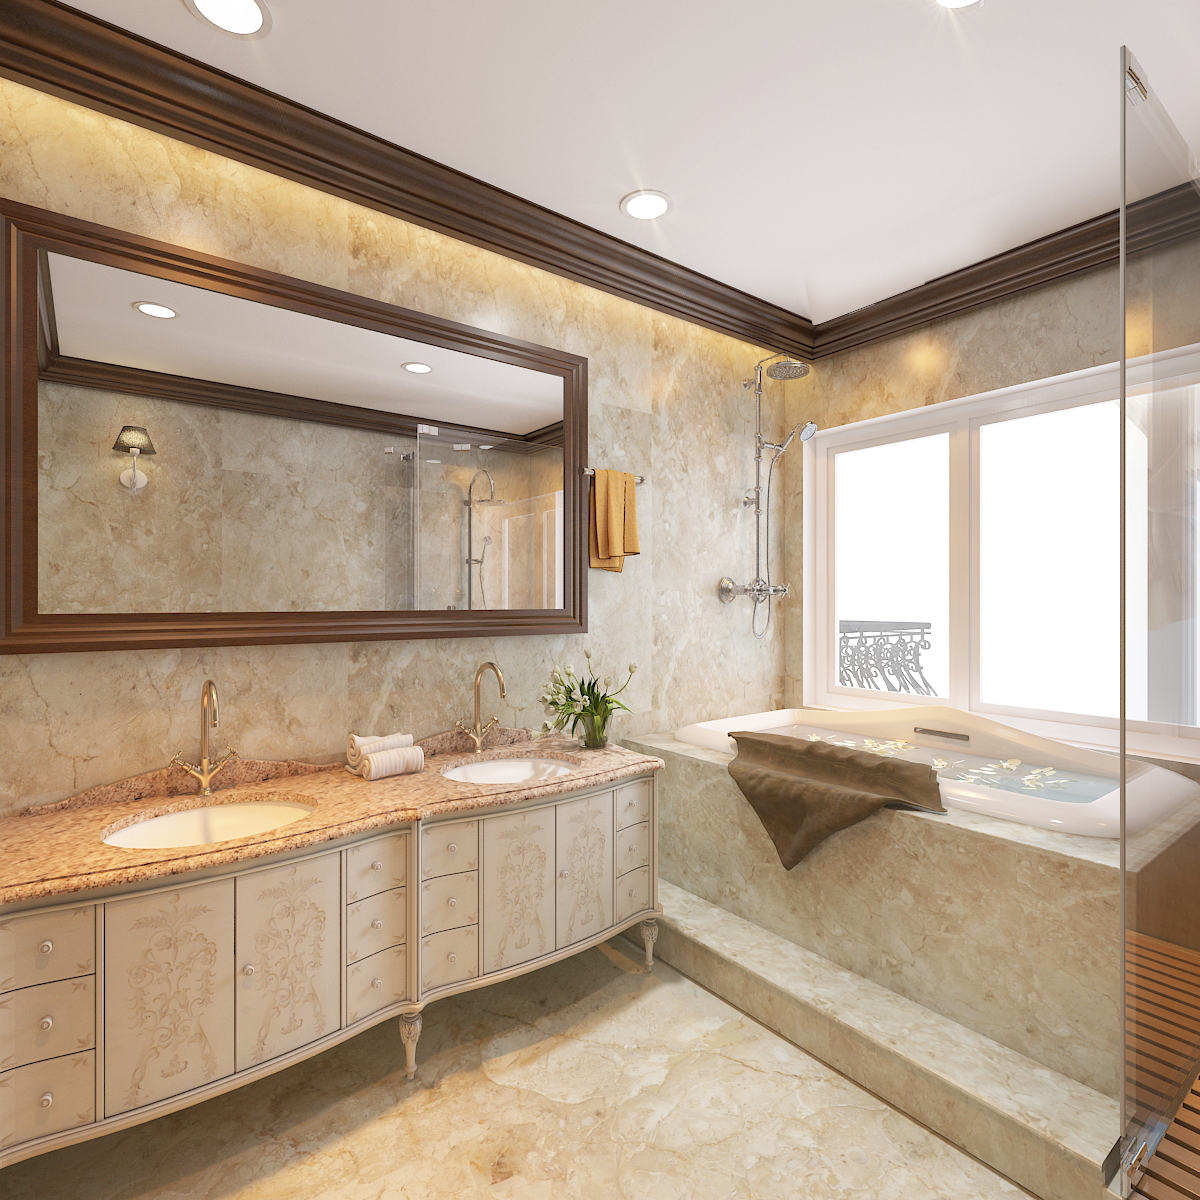 thiết kế nội thất Biệt Thự tại Hà Nội bt Vinhomes - riverside 52 1568276284